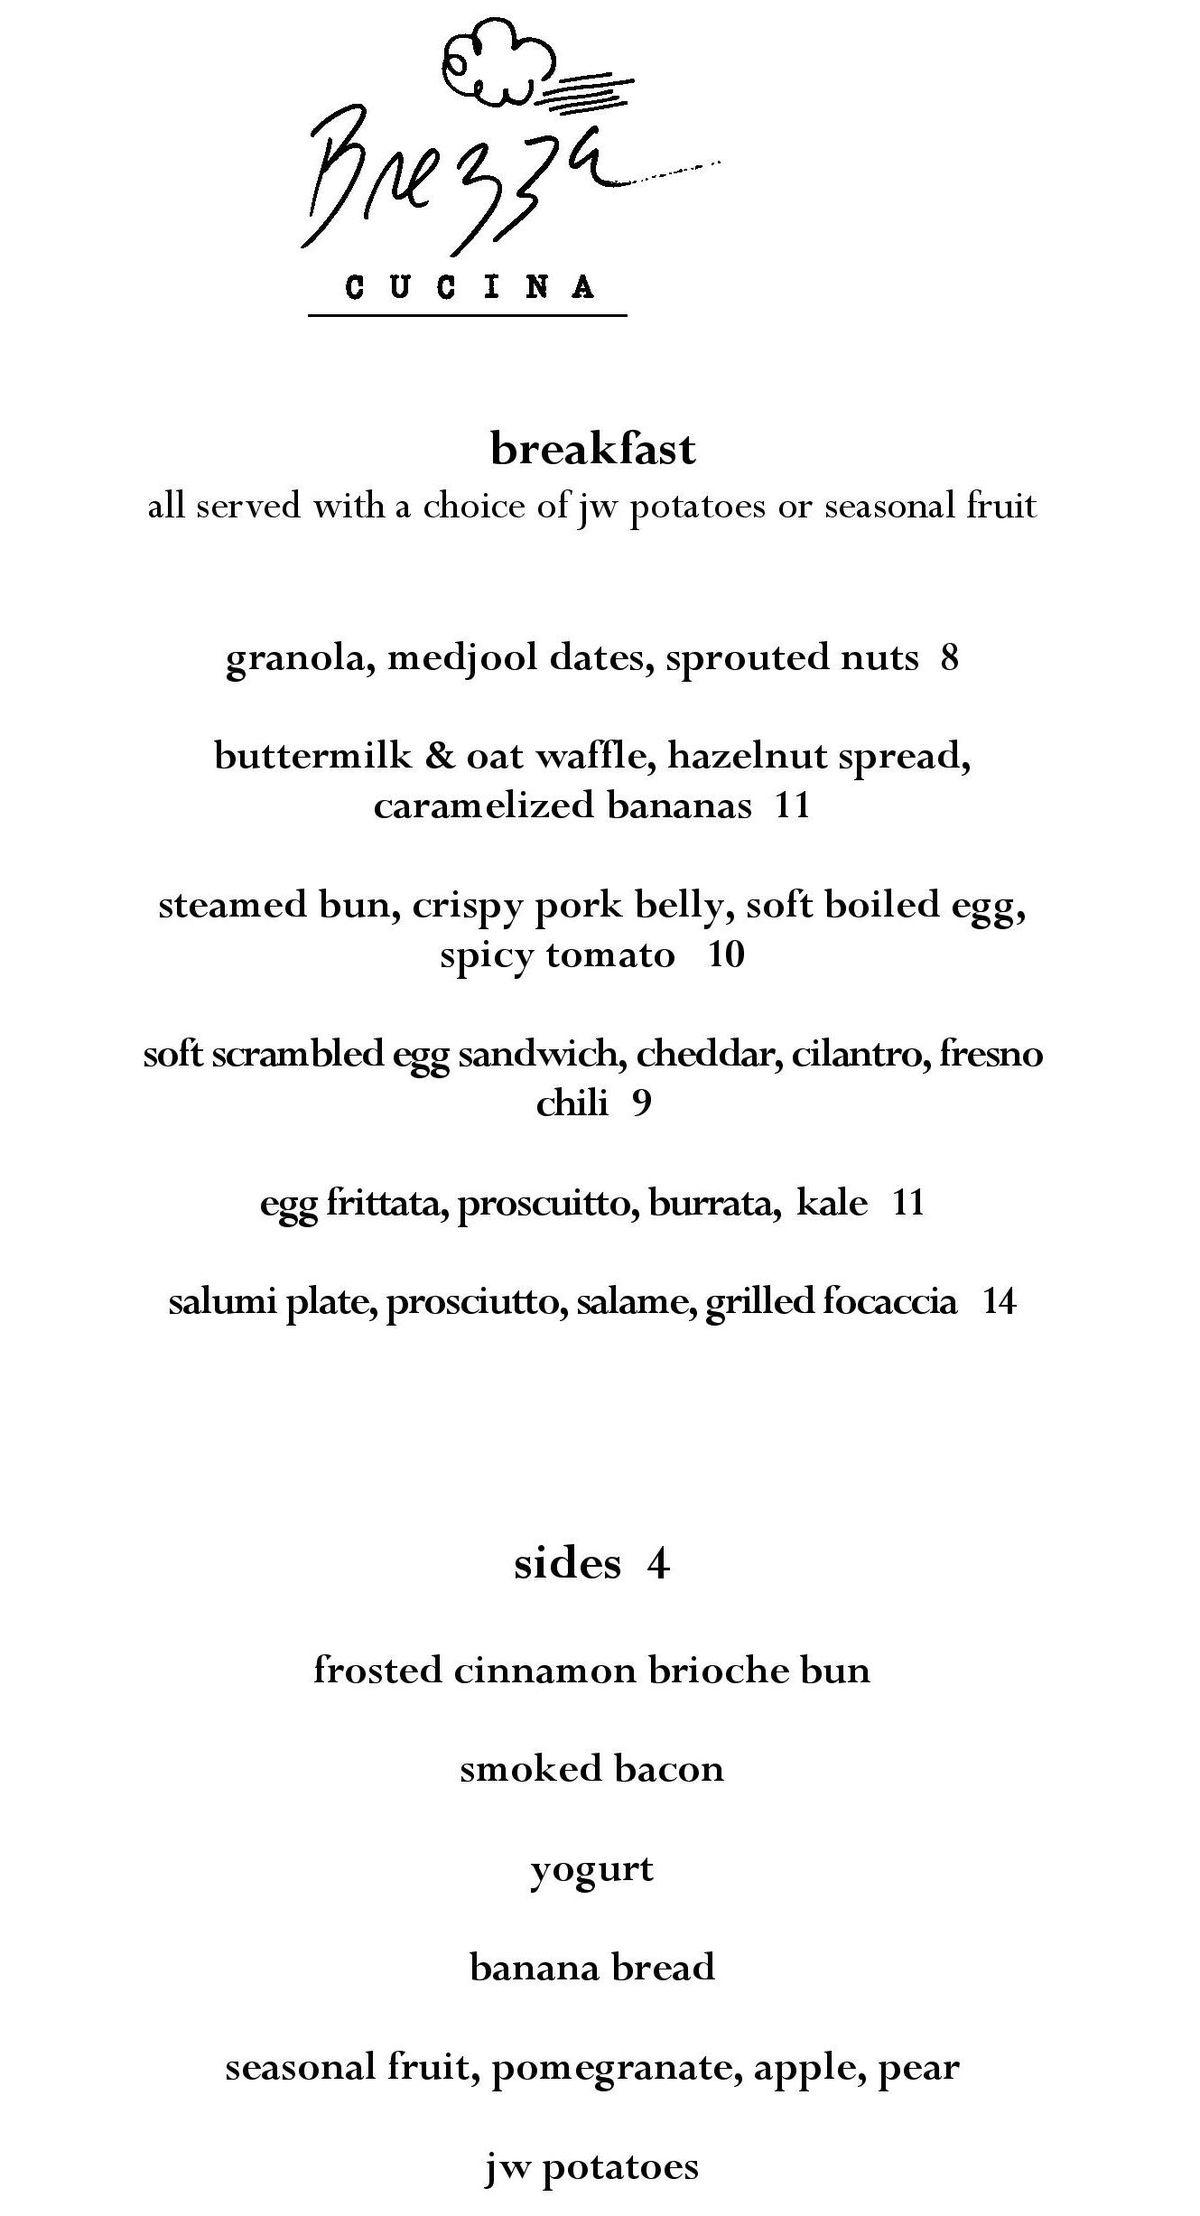 Brezza Cucina breakfast menu